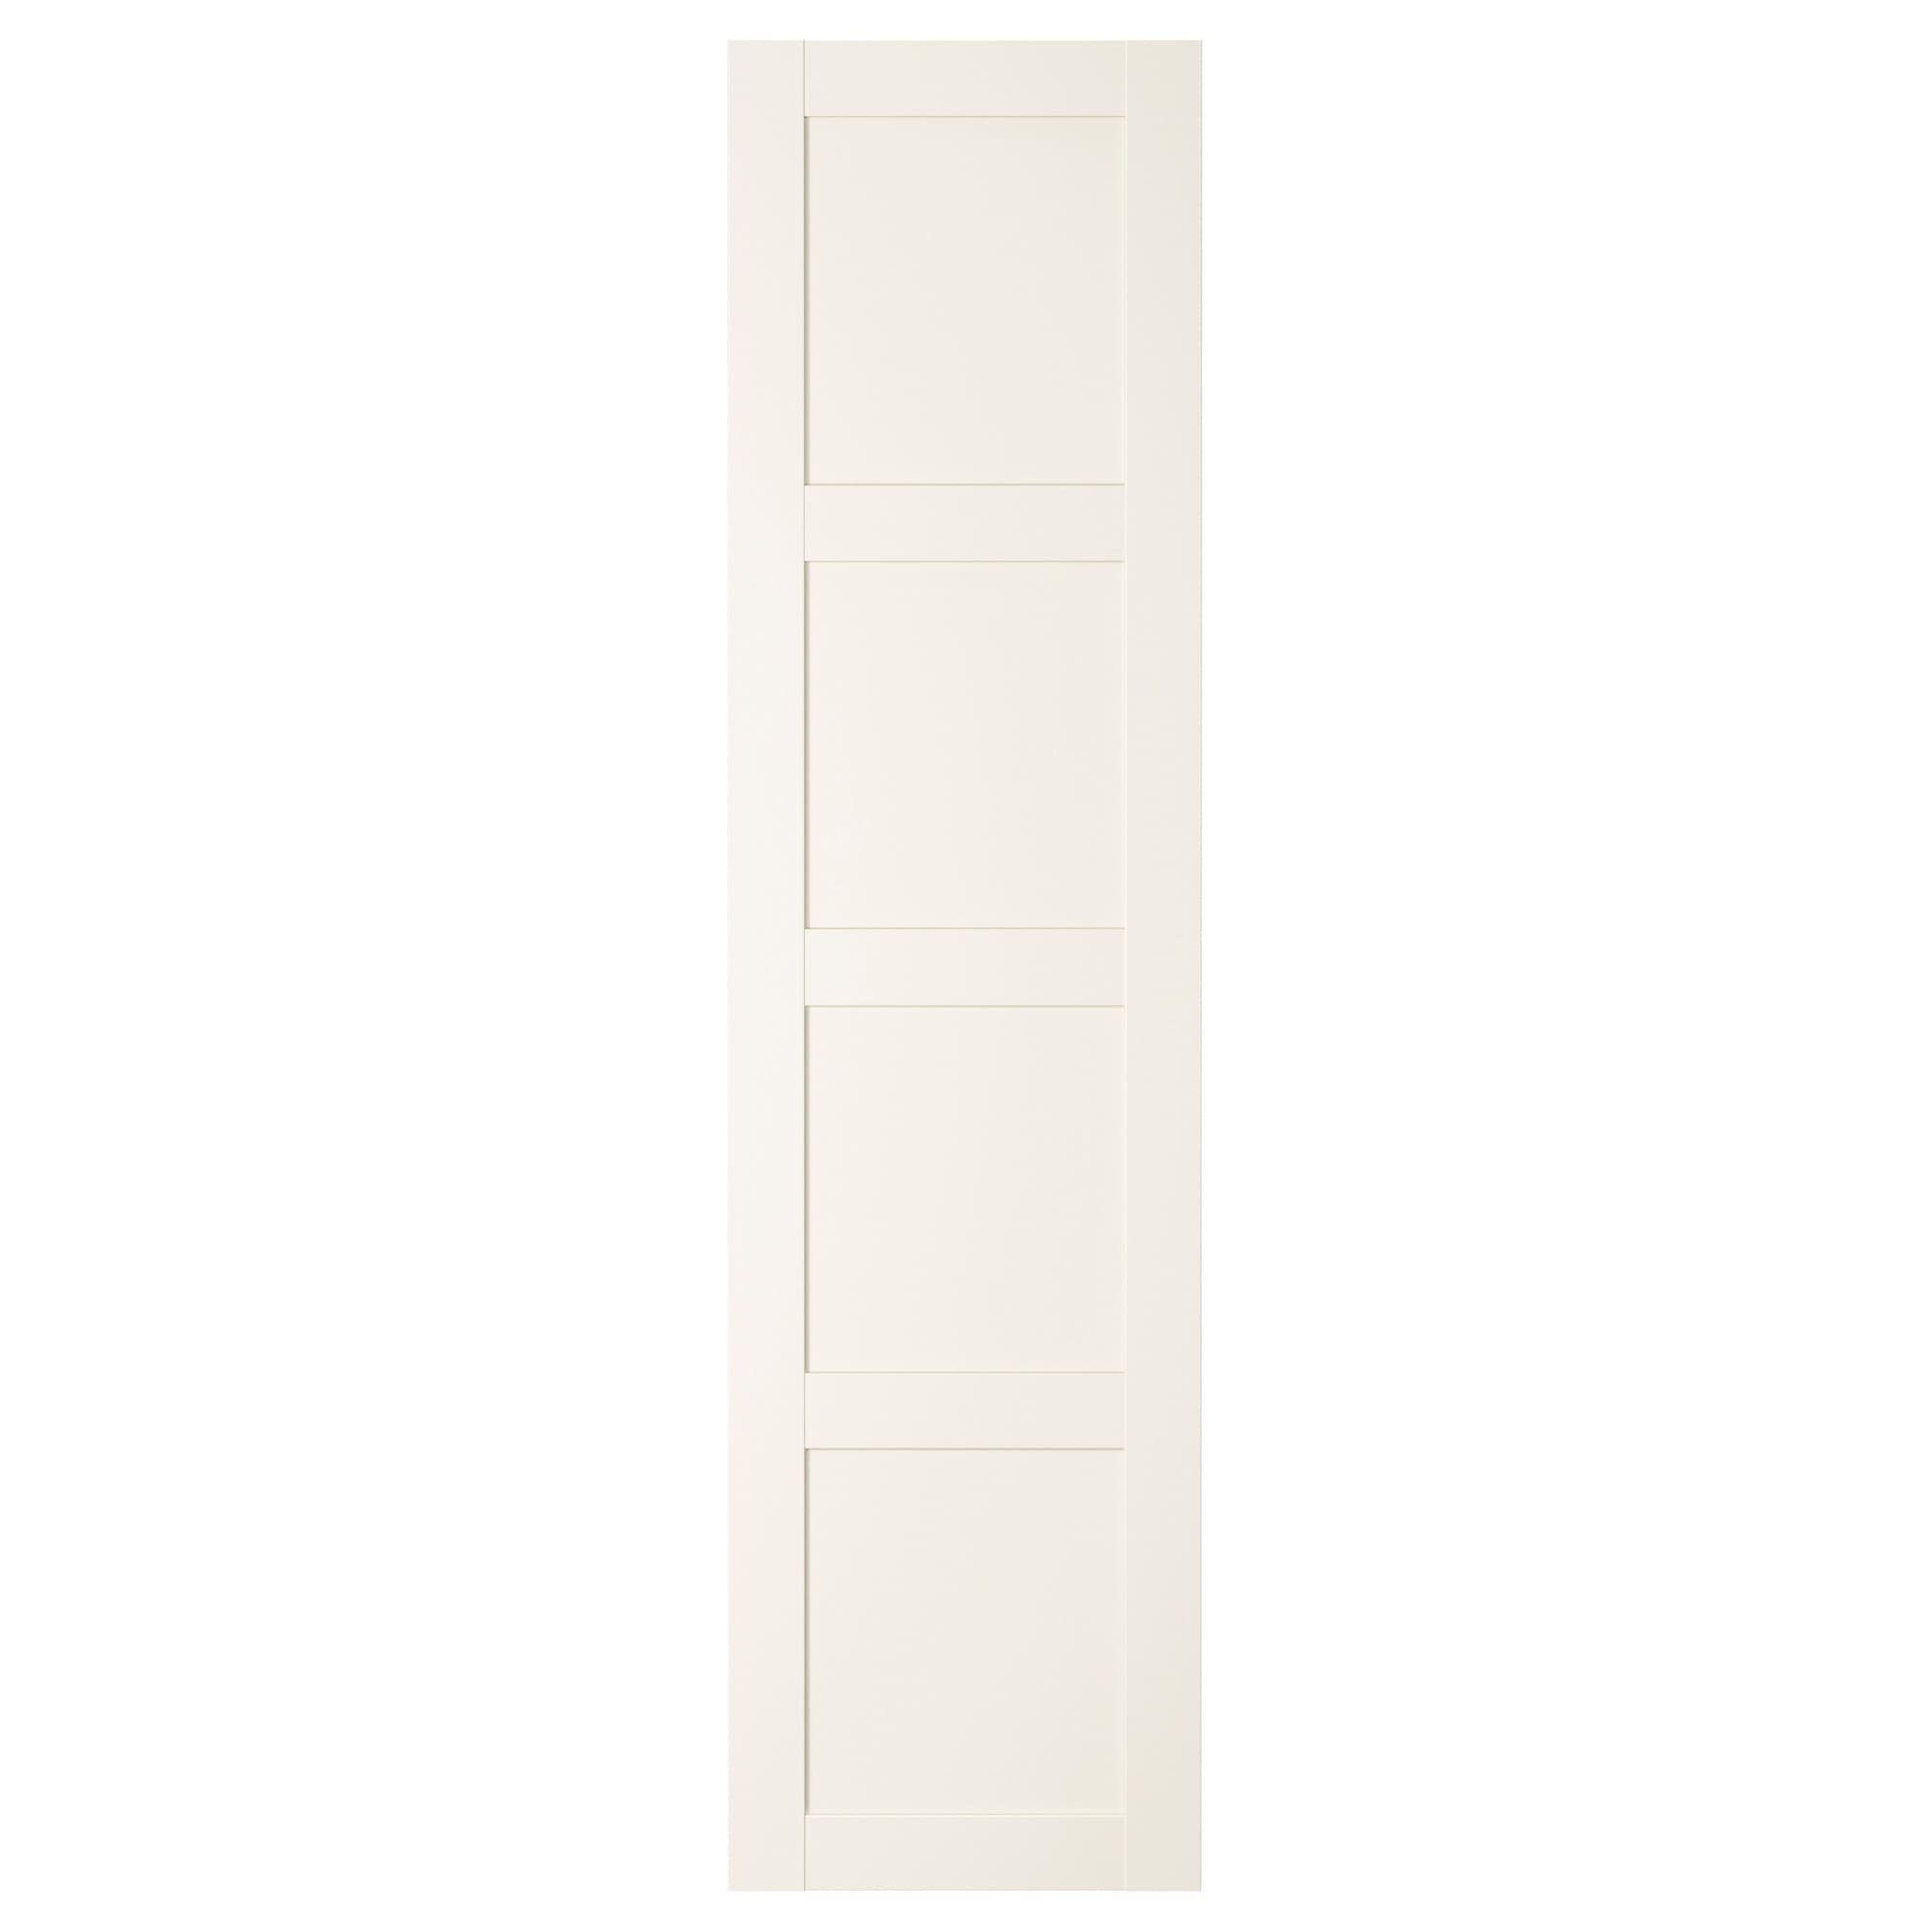 Ikea Bergsbo White Door With Hinges In 2020 Hinged Wardrobe